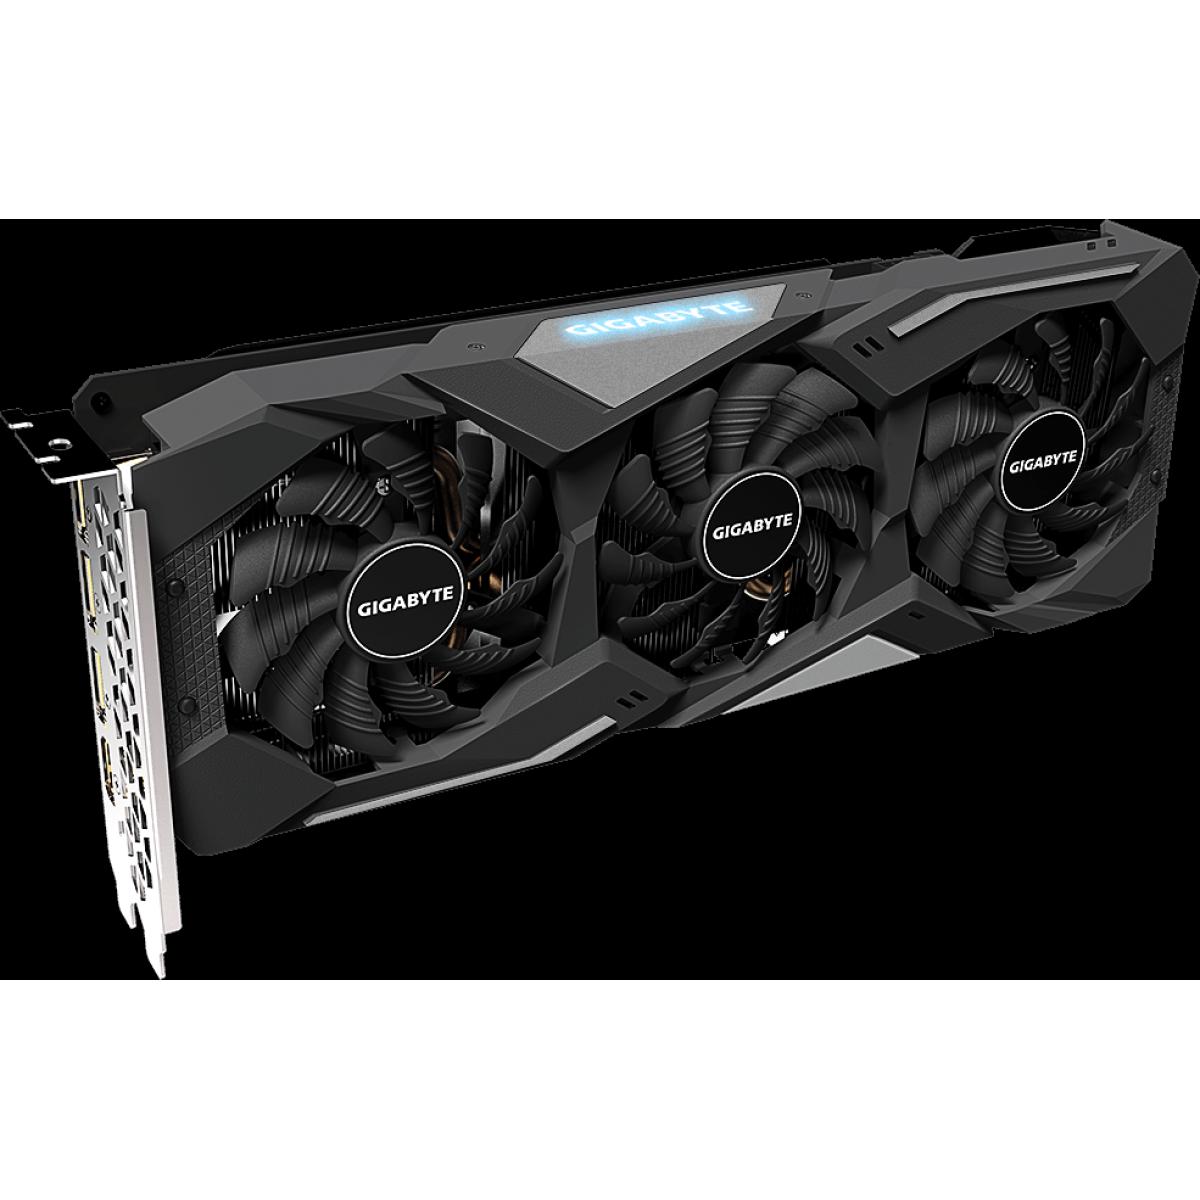 Placa de Vídeo Gigabyte Radeon RX 5500 XT  Gaming OC, 4GB GDDR6, 128Bit, GV-R55XTGAMING OC-4GD